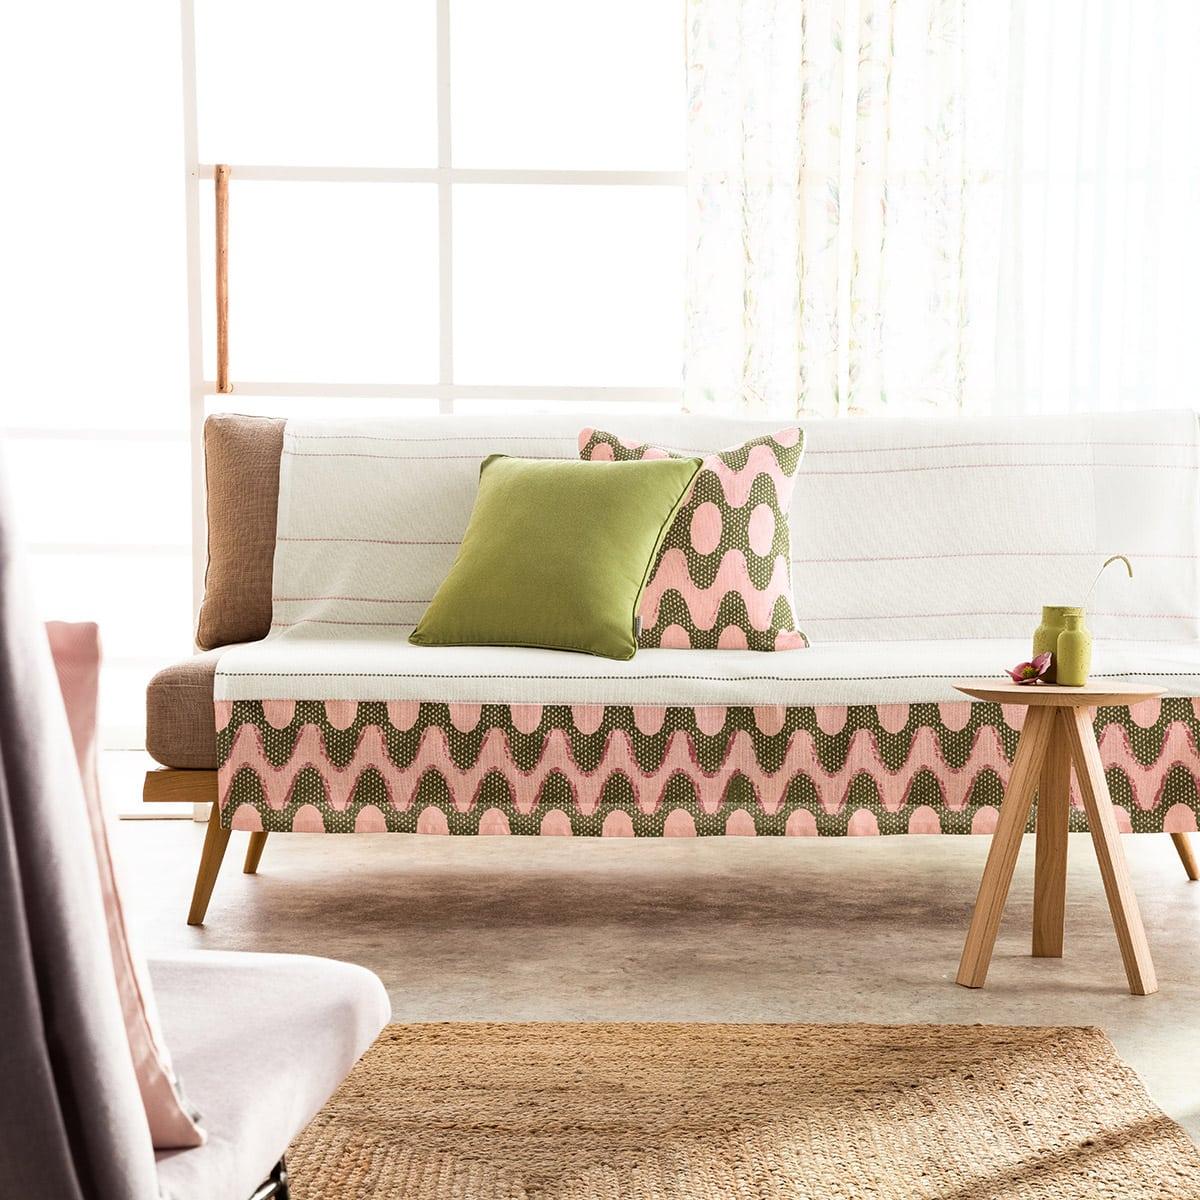 Ριχτάρι Dizzy 659 Somon-Green Gofis Home Τριθέσιο 180x310cm